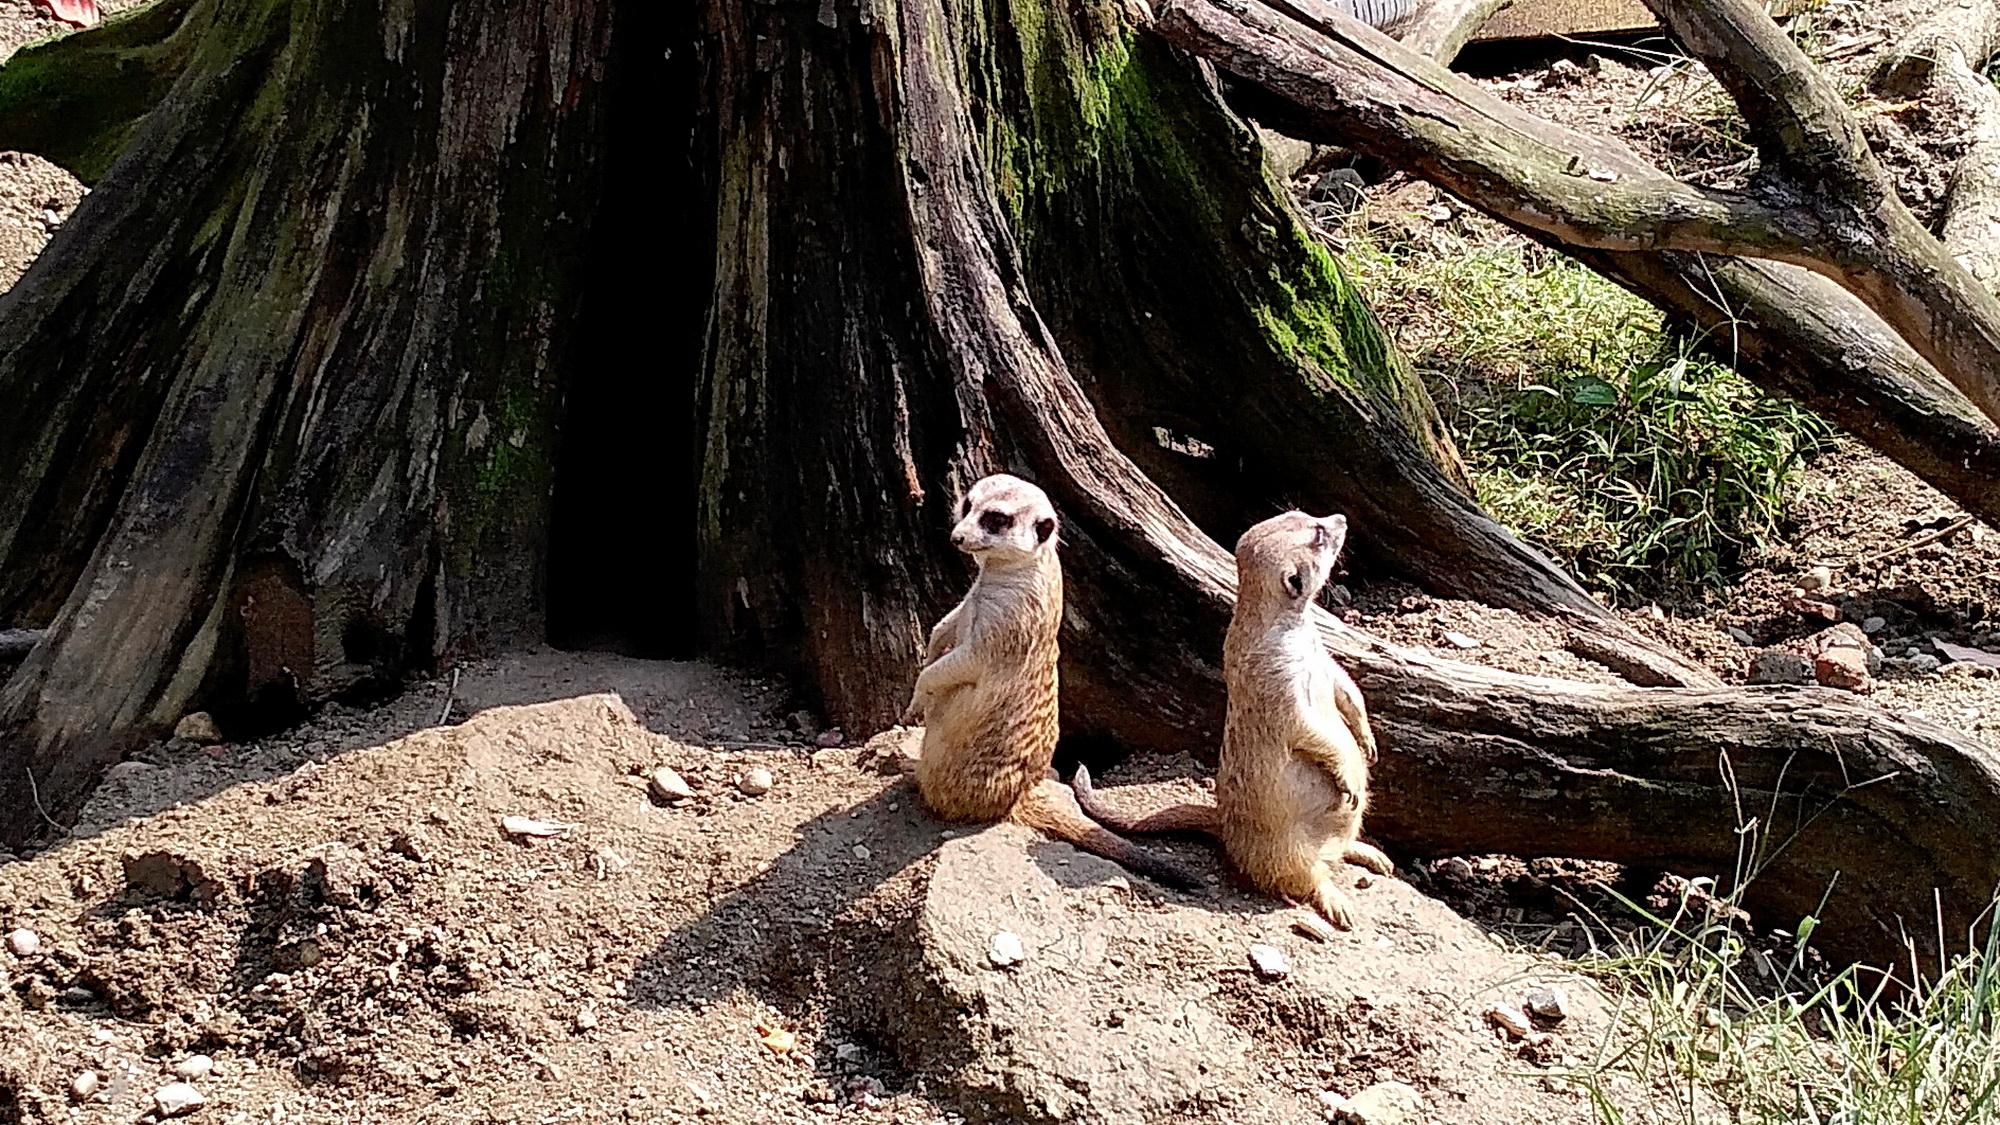 很喜欢这种小动物,在电视上经常看他们的介绍.